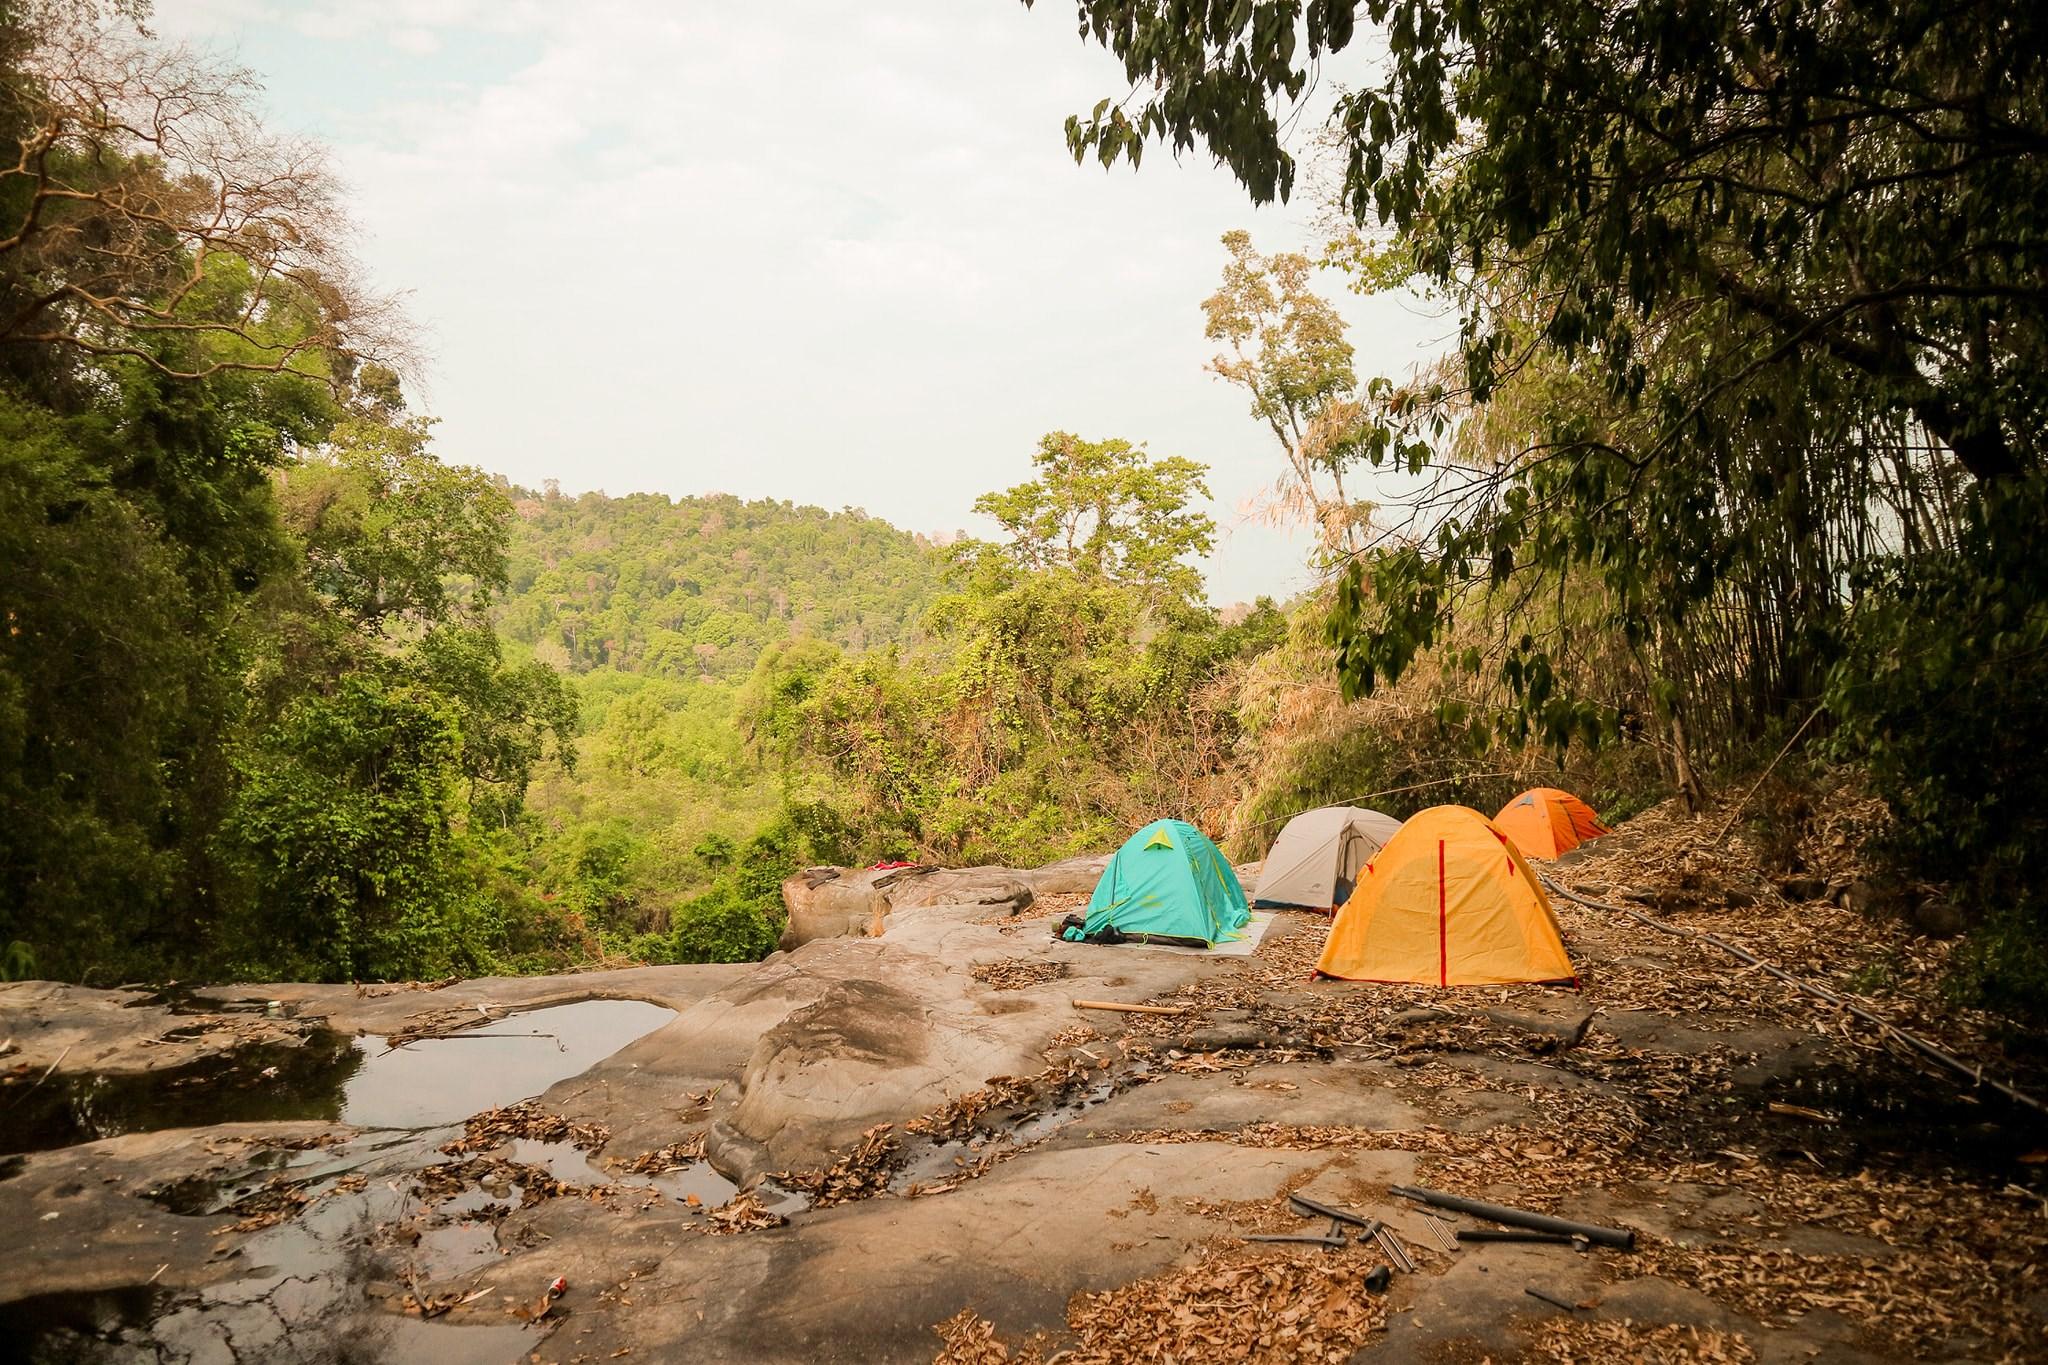 Muốn đi cắm trại từ núi non đến ven biển trong phạm vi 300km, chẳng thể bỏ lỡ những địa danh vô cùng đẹp, các camper nên chinh phục 1 lần - Ảnh 14.